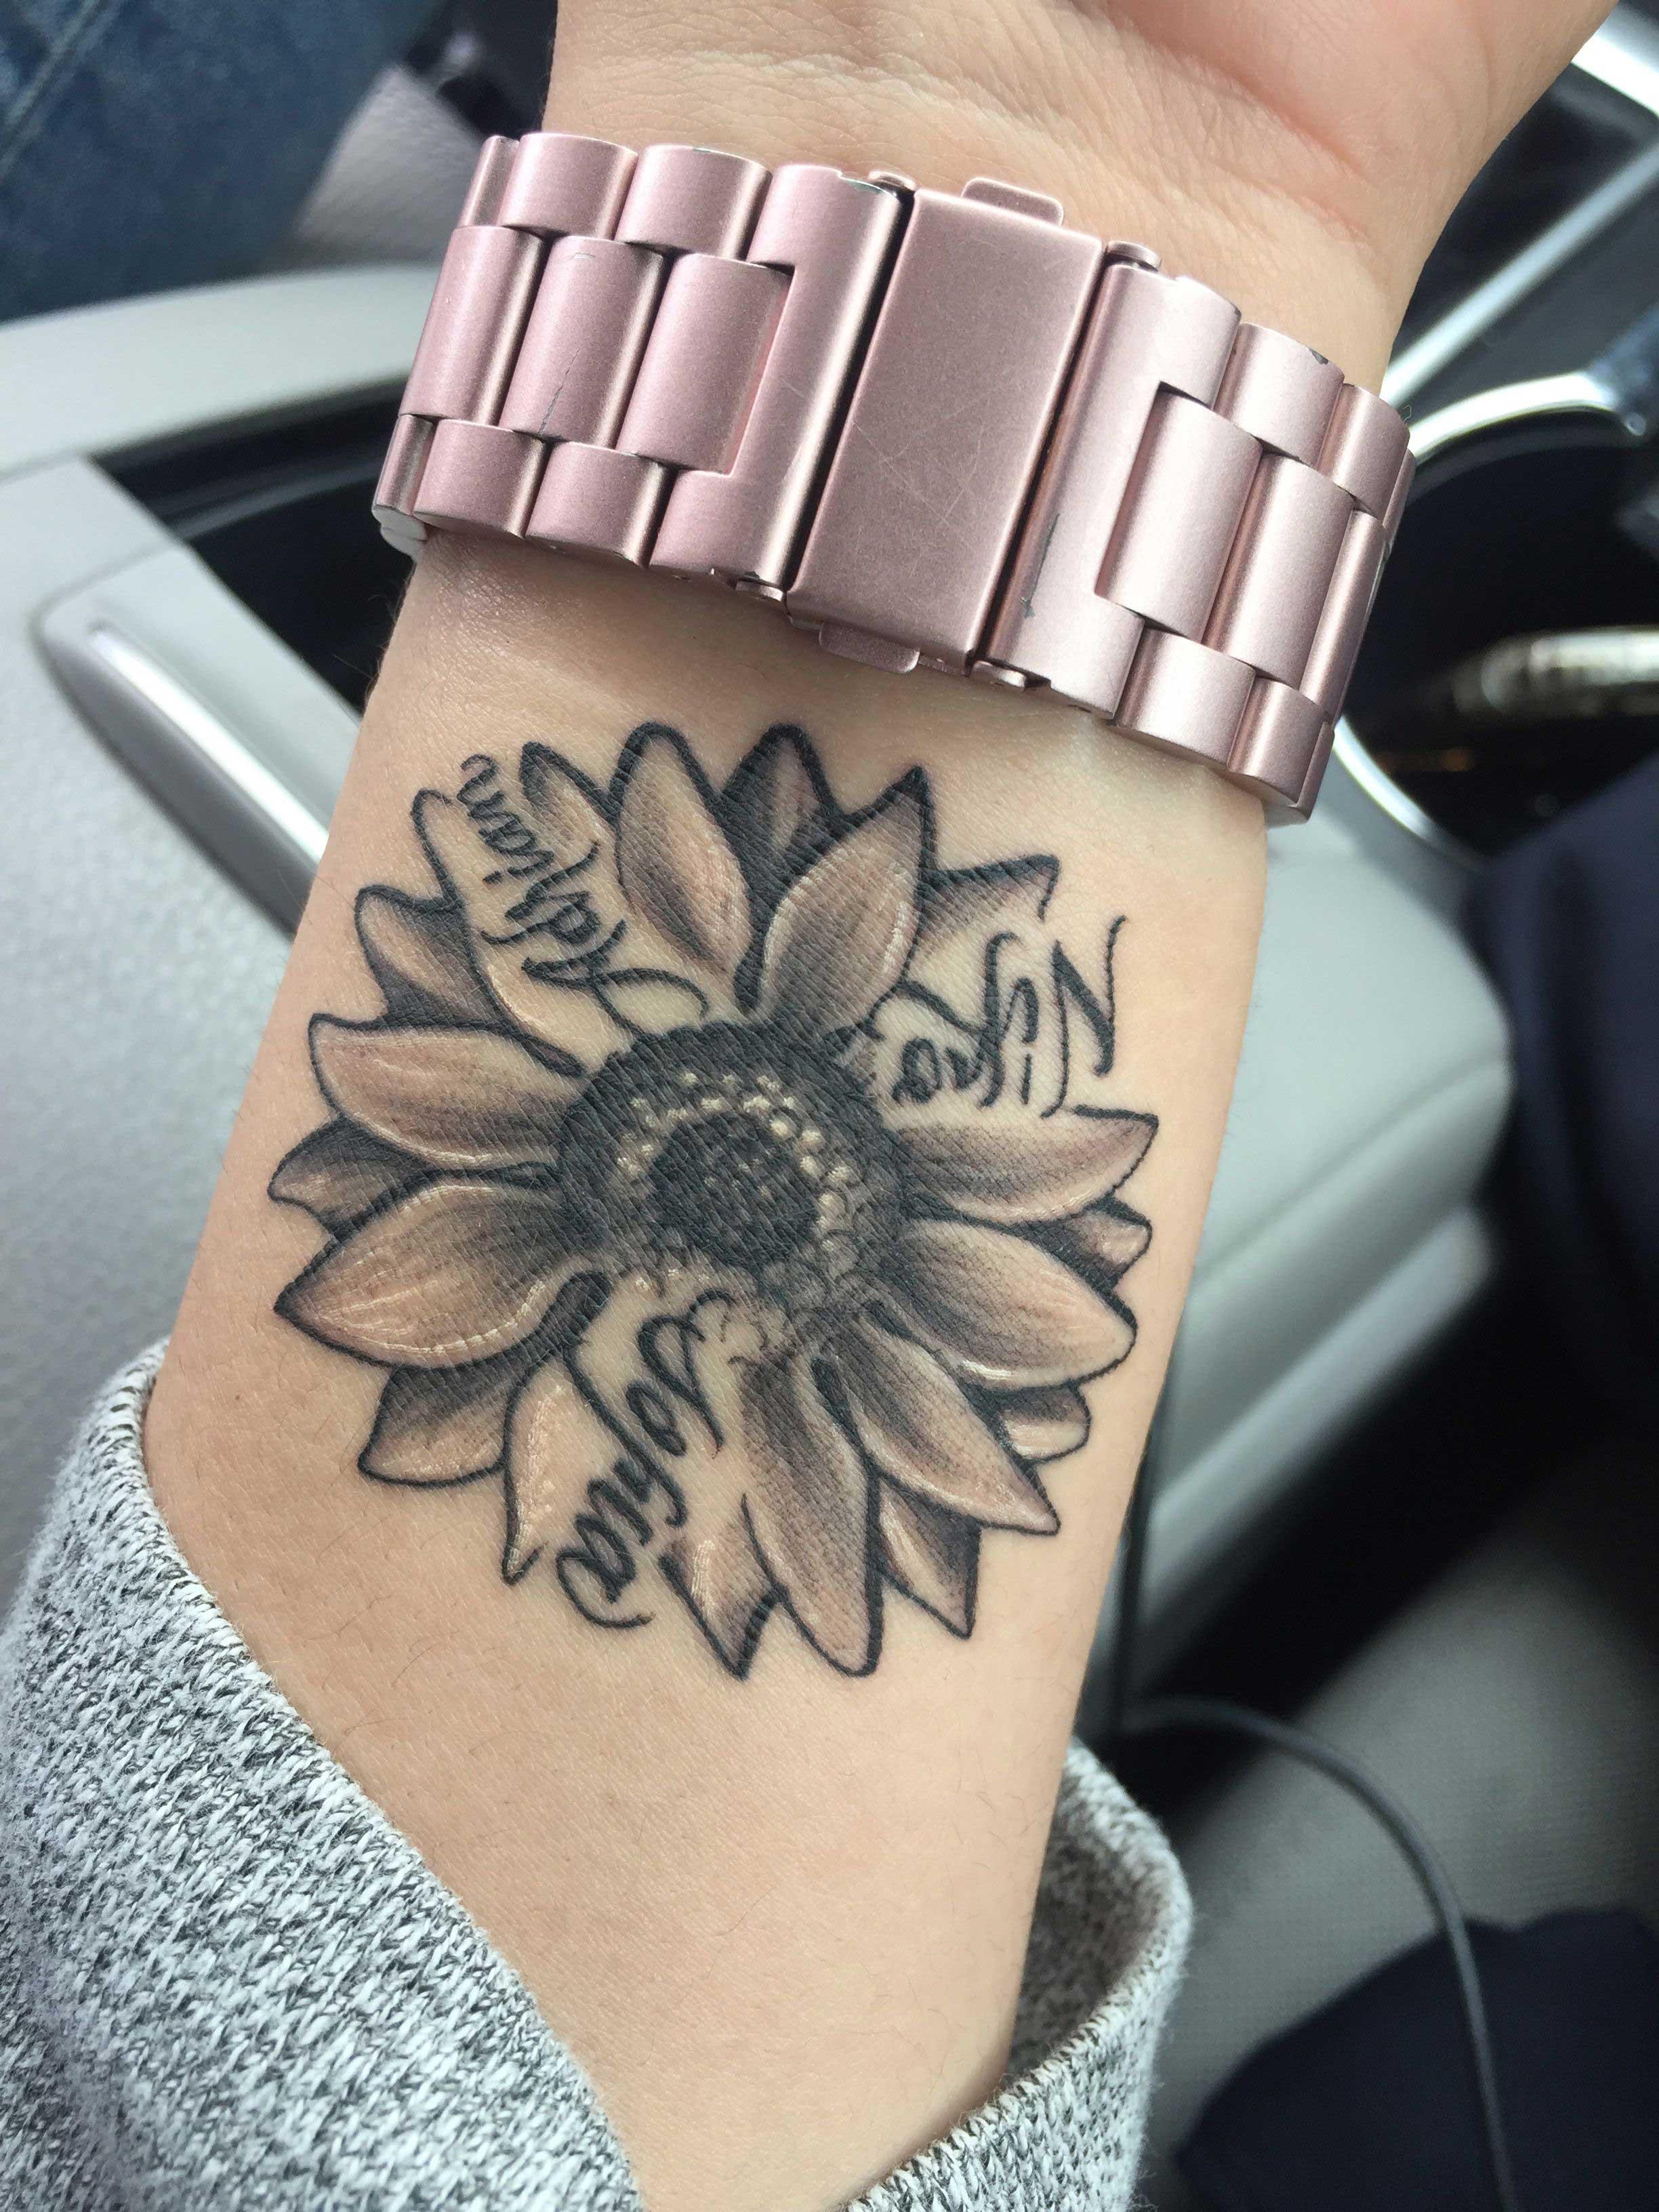 designs tattoo tattoos wrist cool font lettering